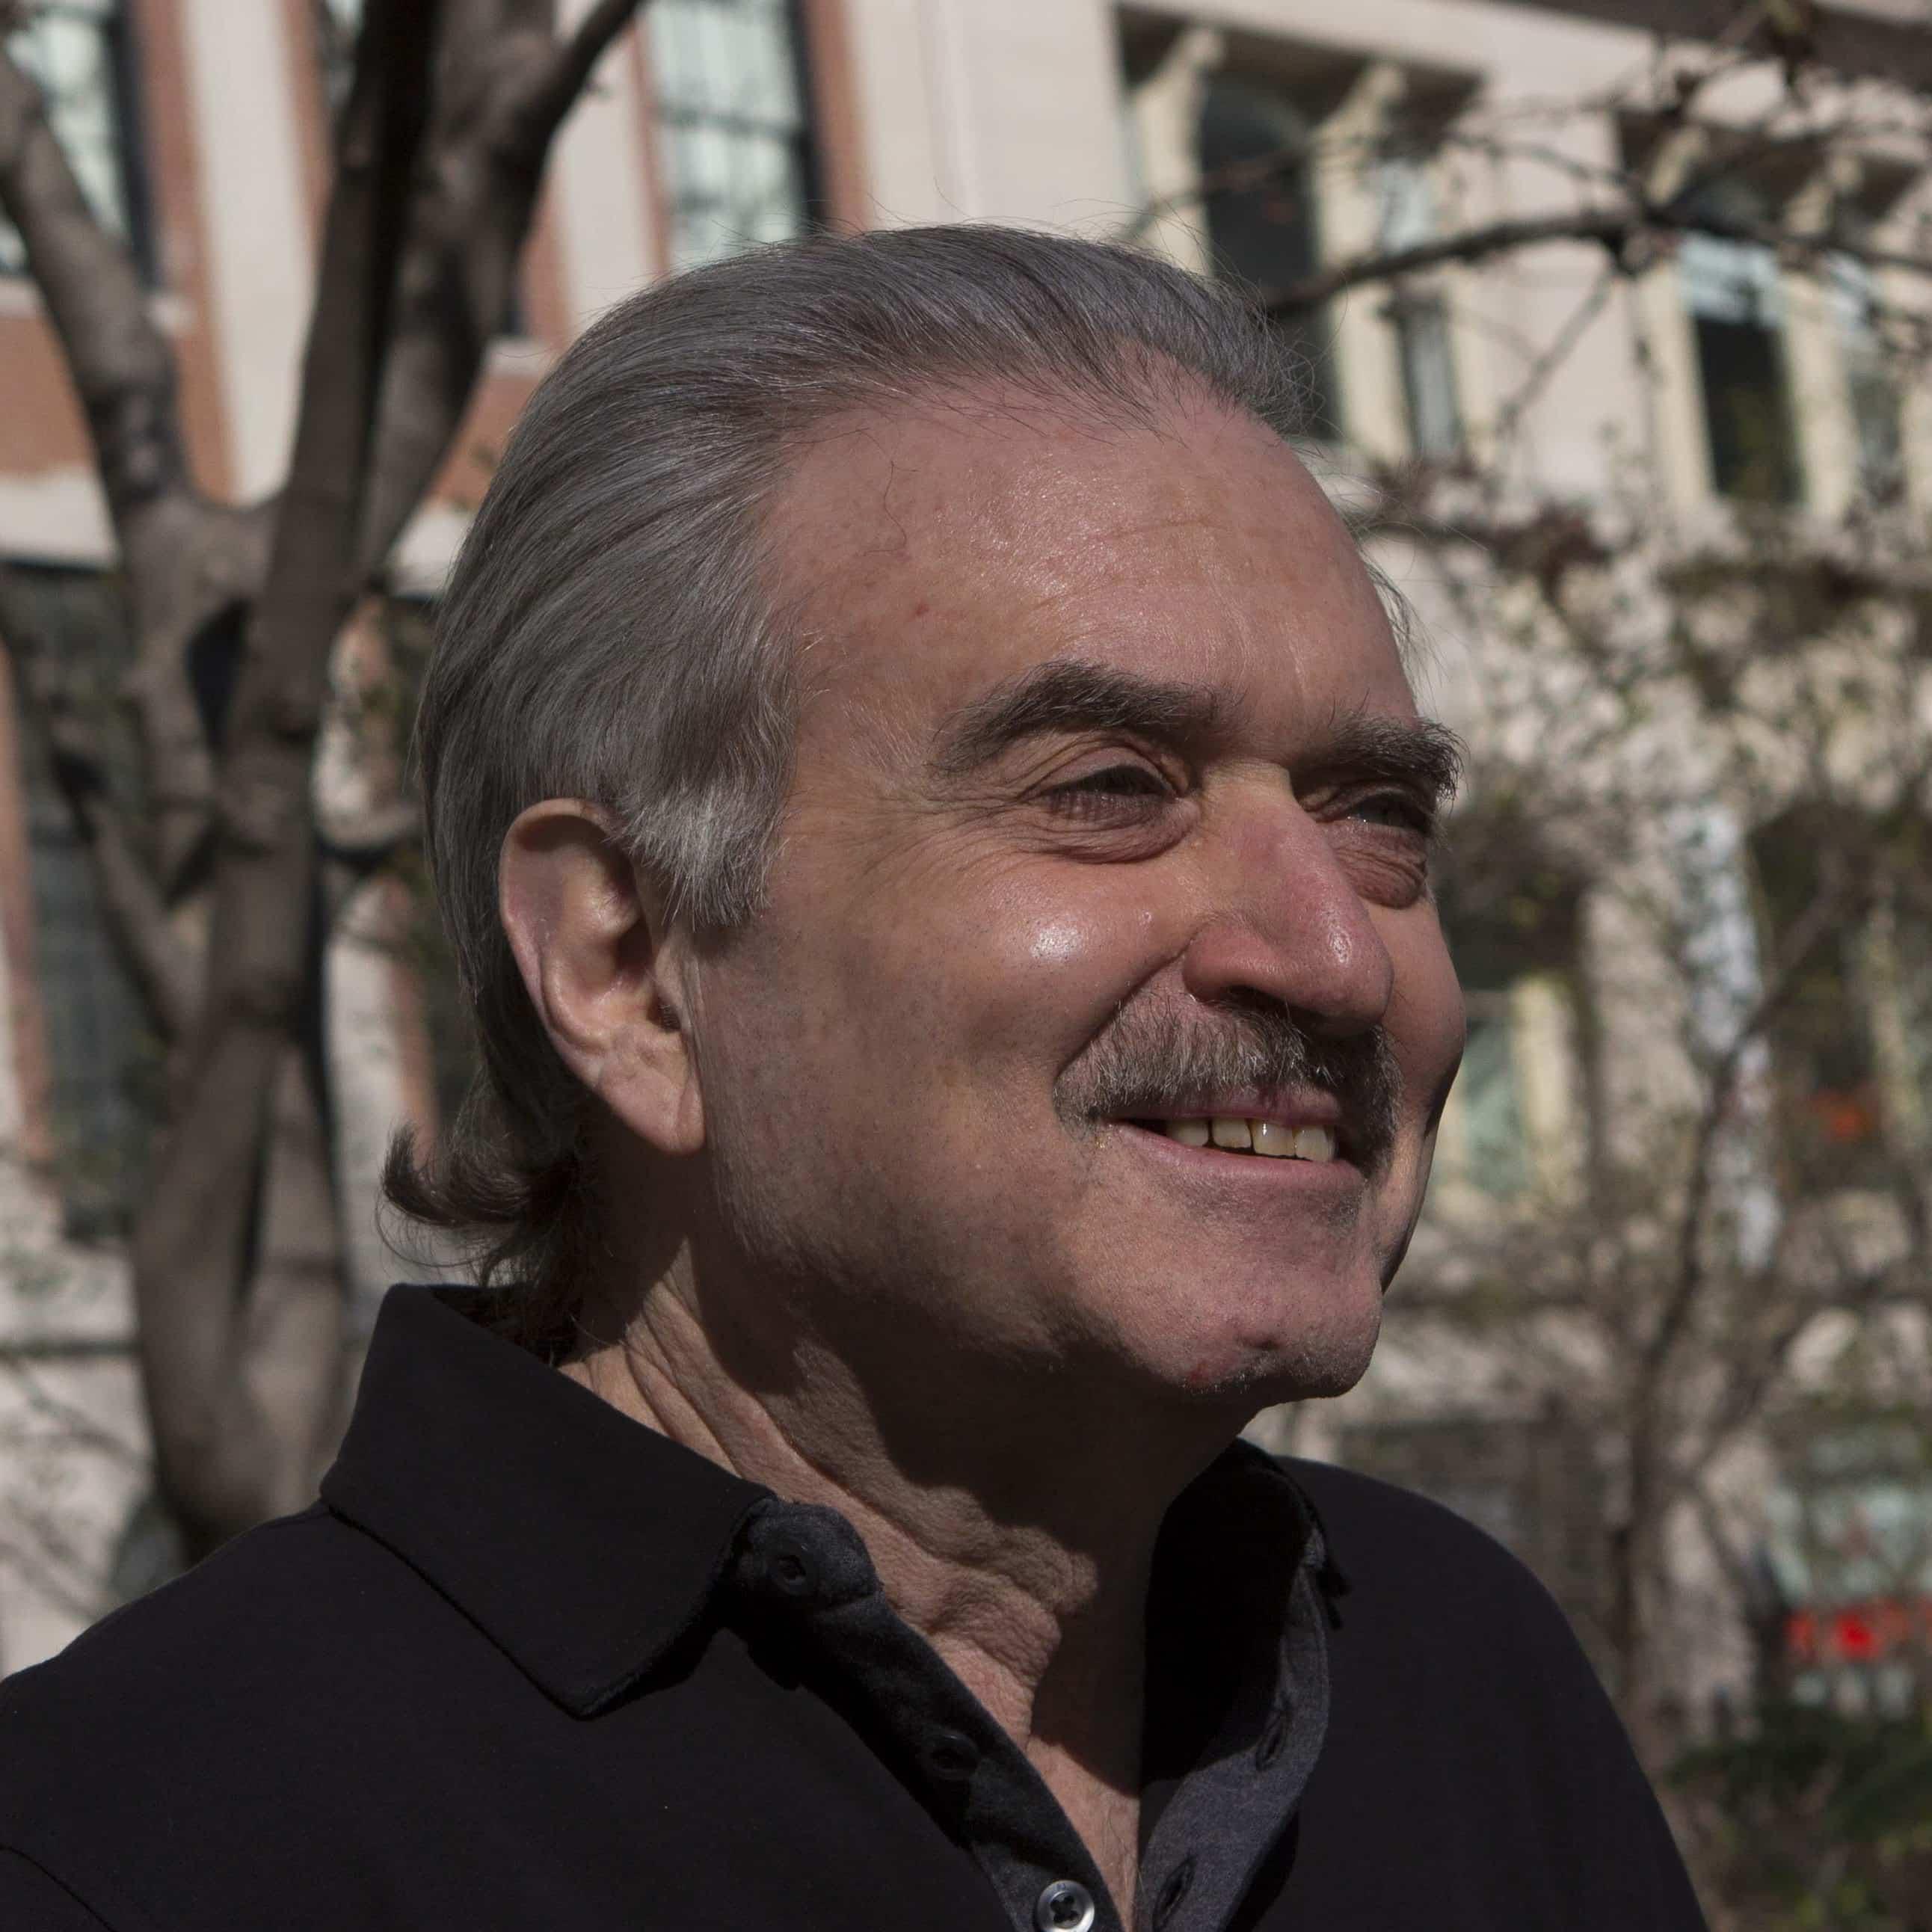 Richard Sussman